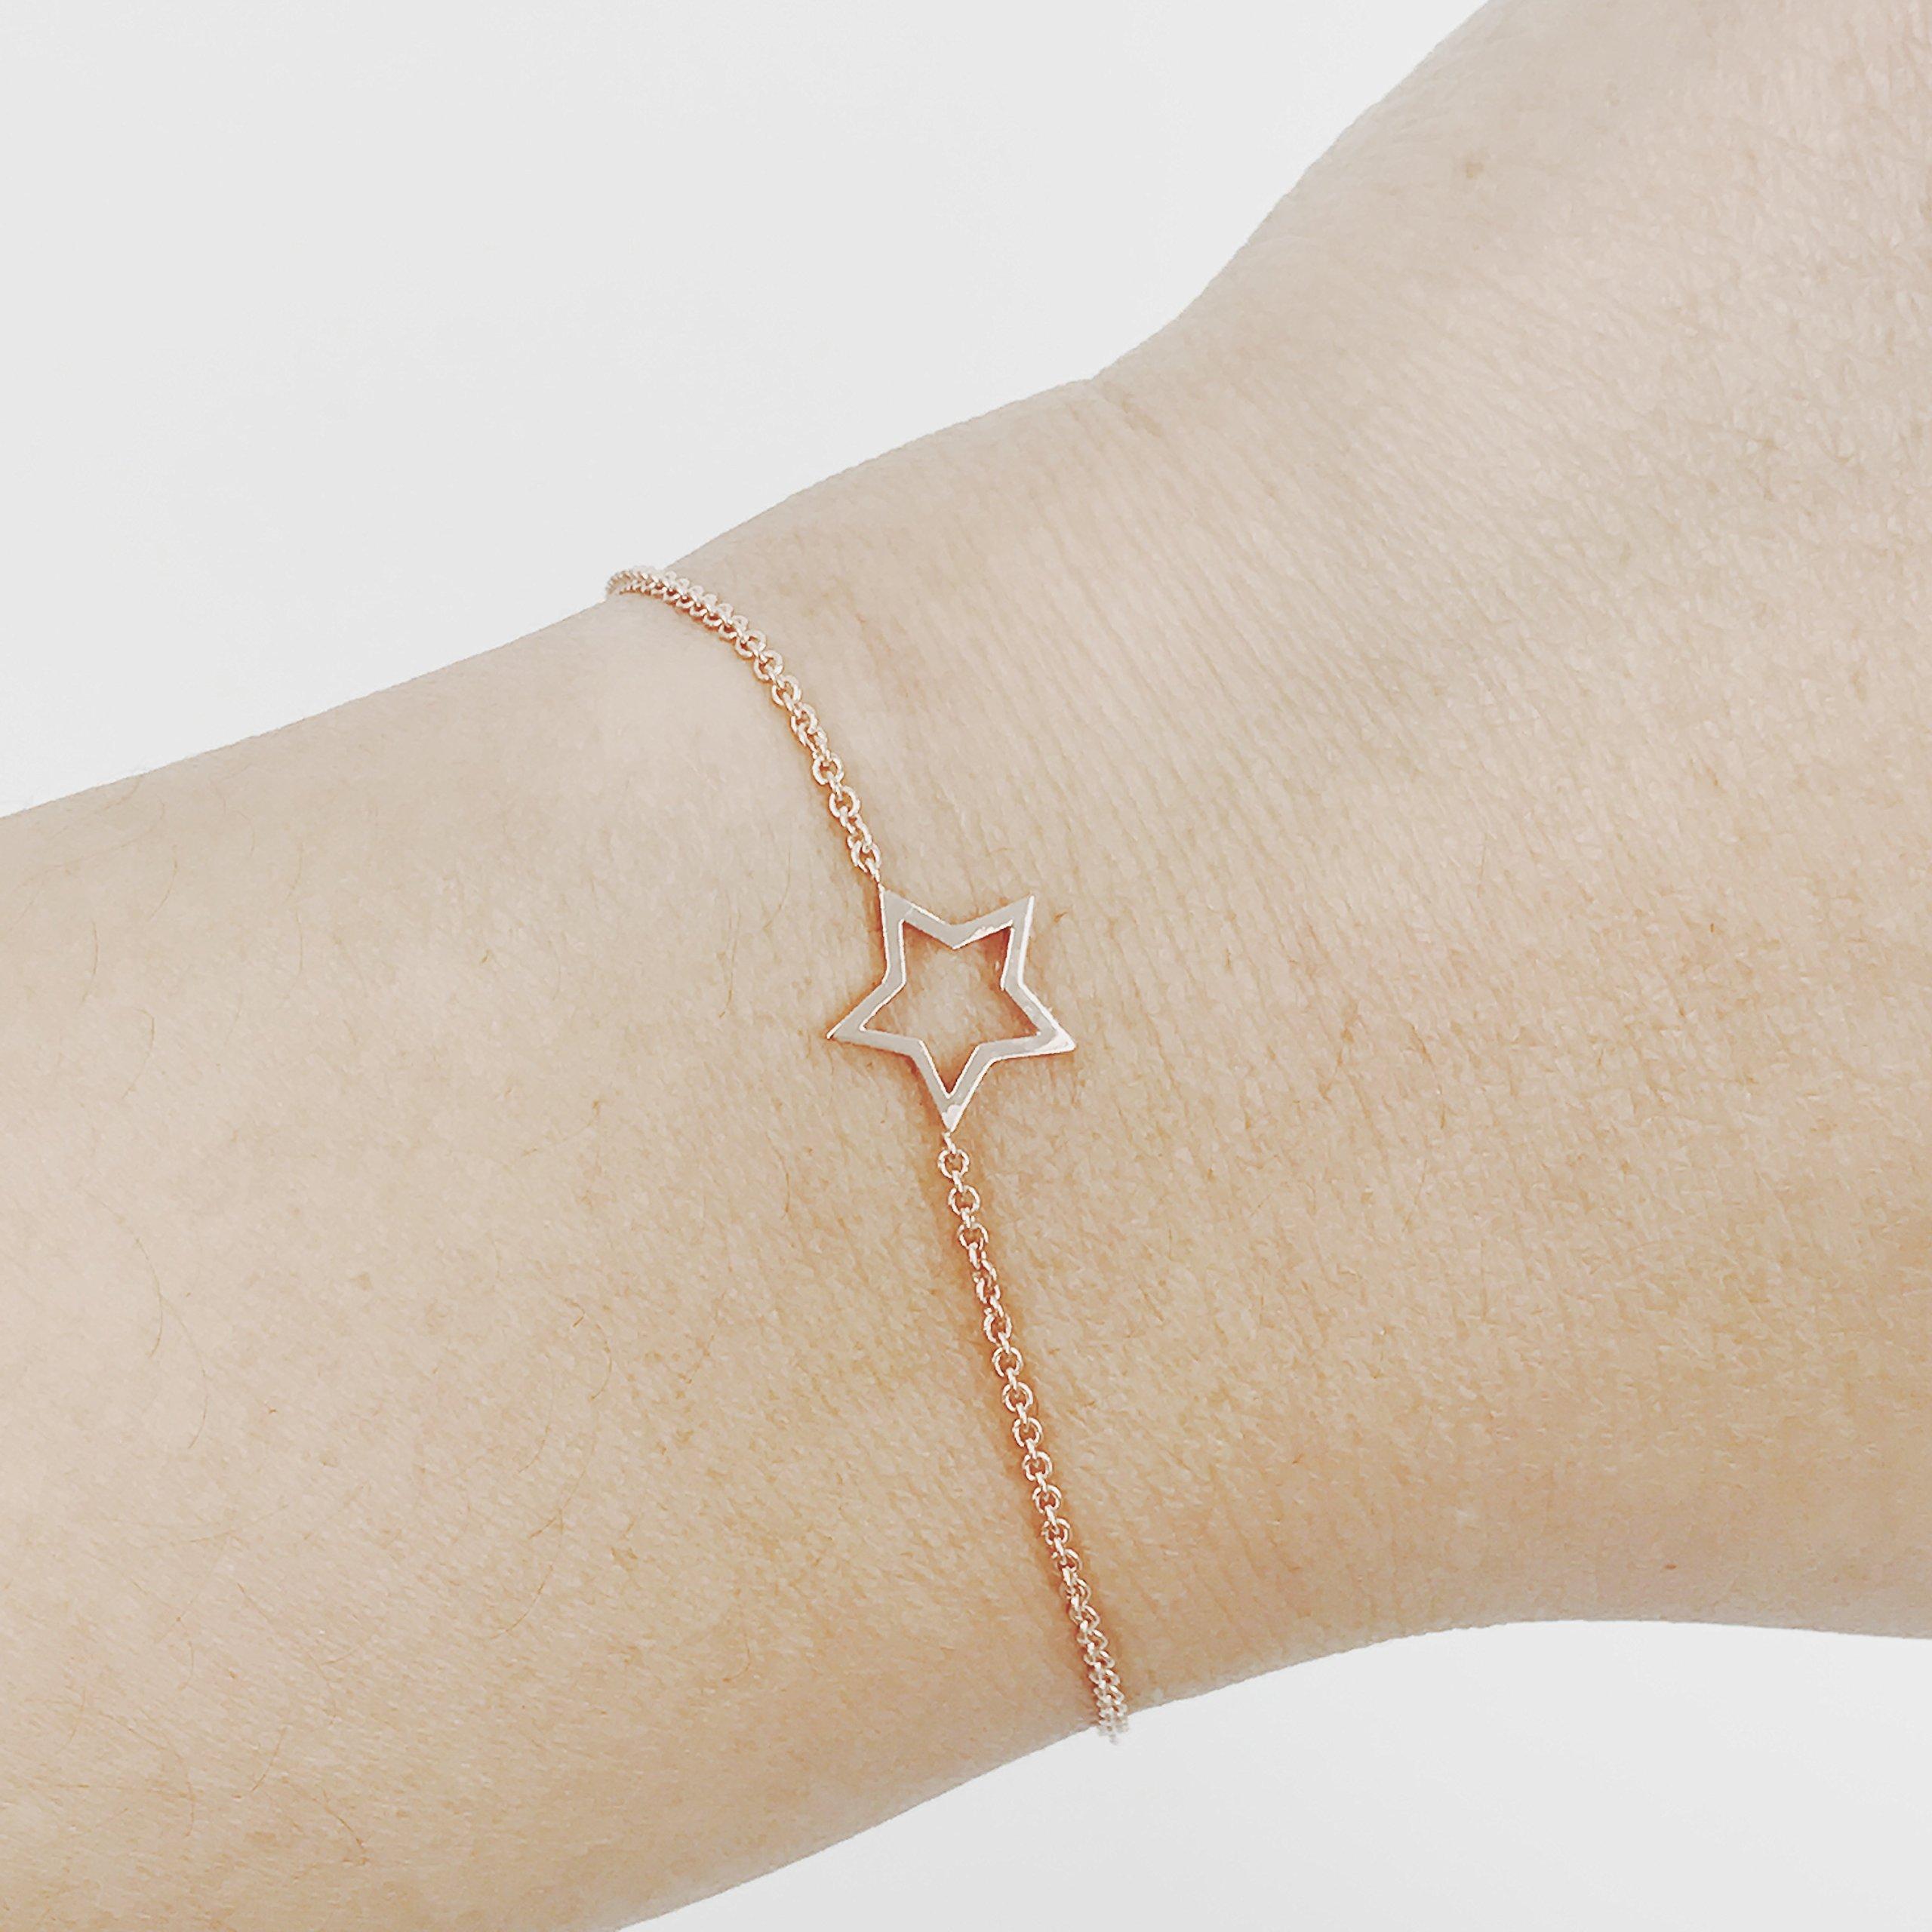 14K Solid Gold Star Bracelet, Tiny Star Bracelet, Star Charm Bracelet, Dainty Gold Bracelet, Minimalist Bracelet